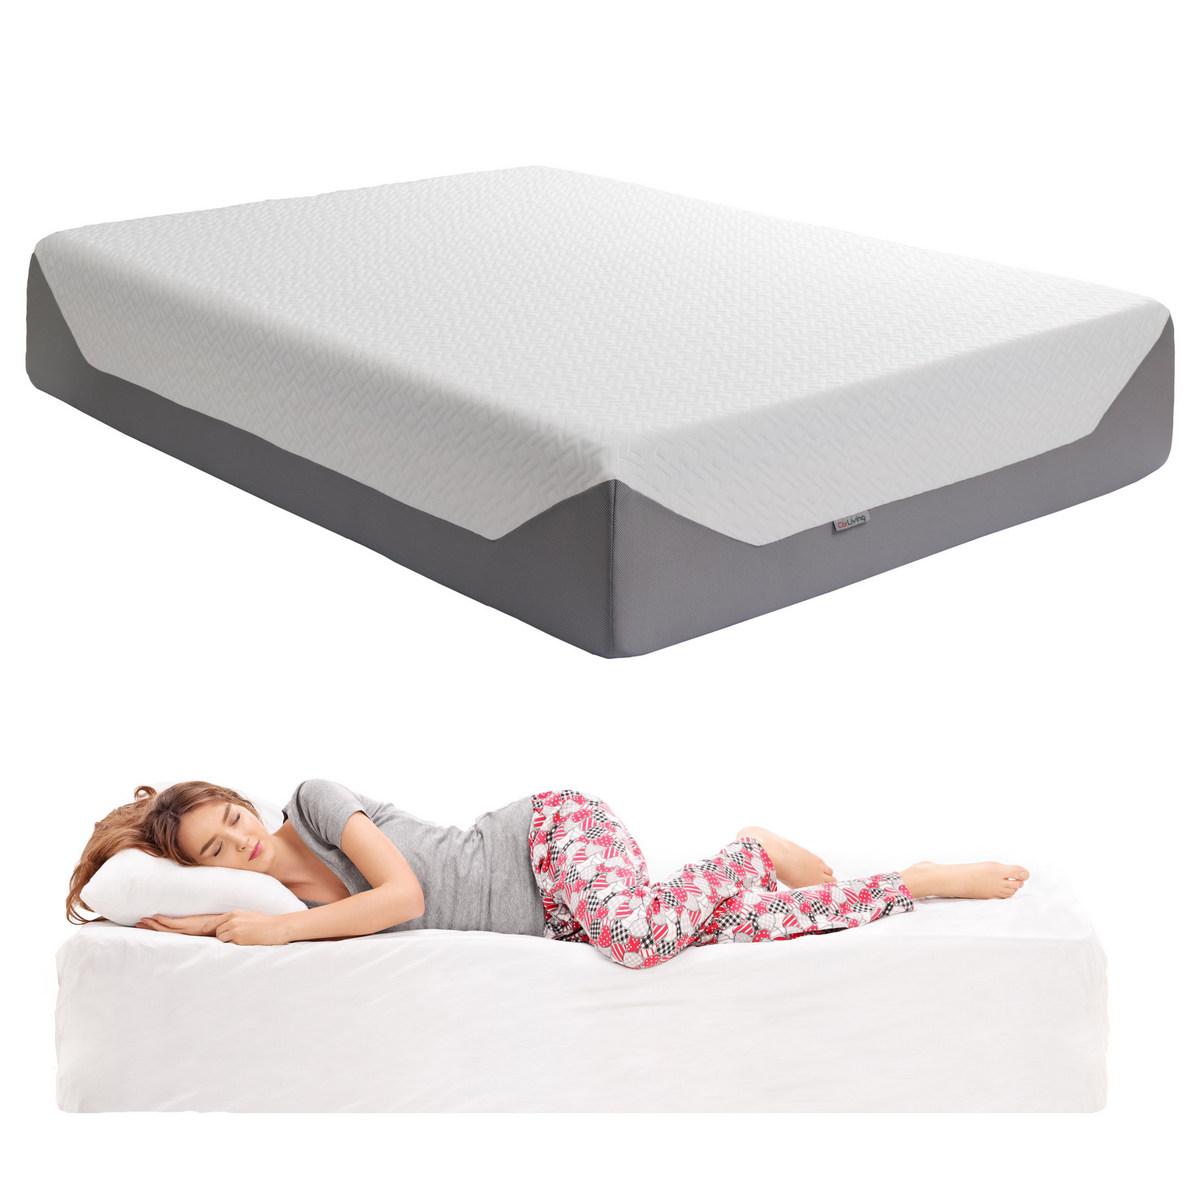 Corliving Sleep Queen Medium Firm Memory Foam Mattress